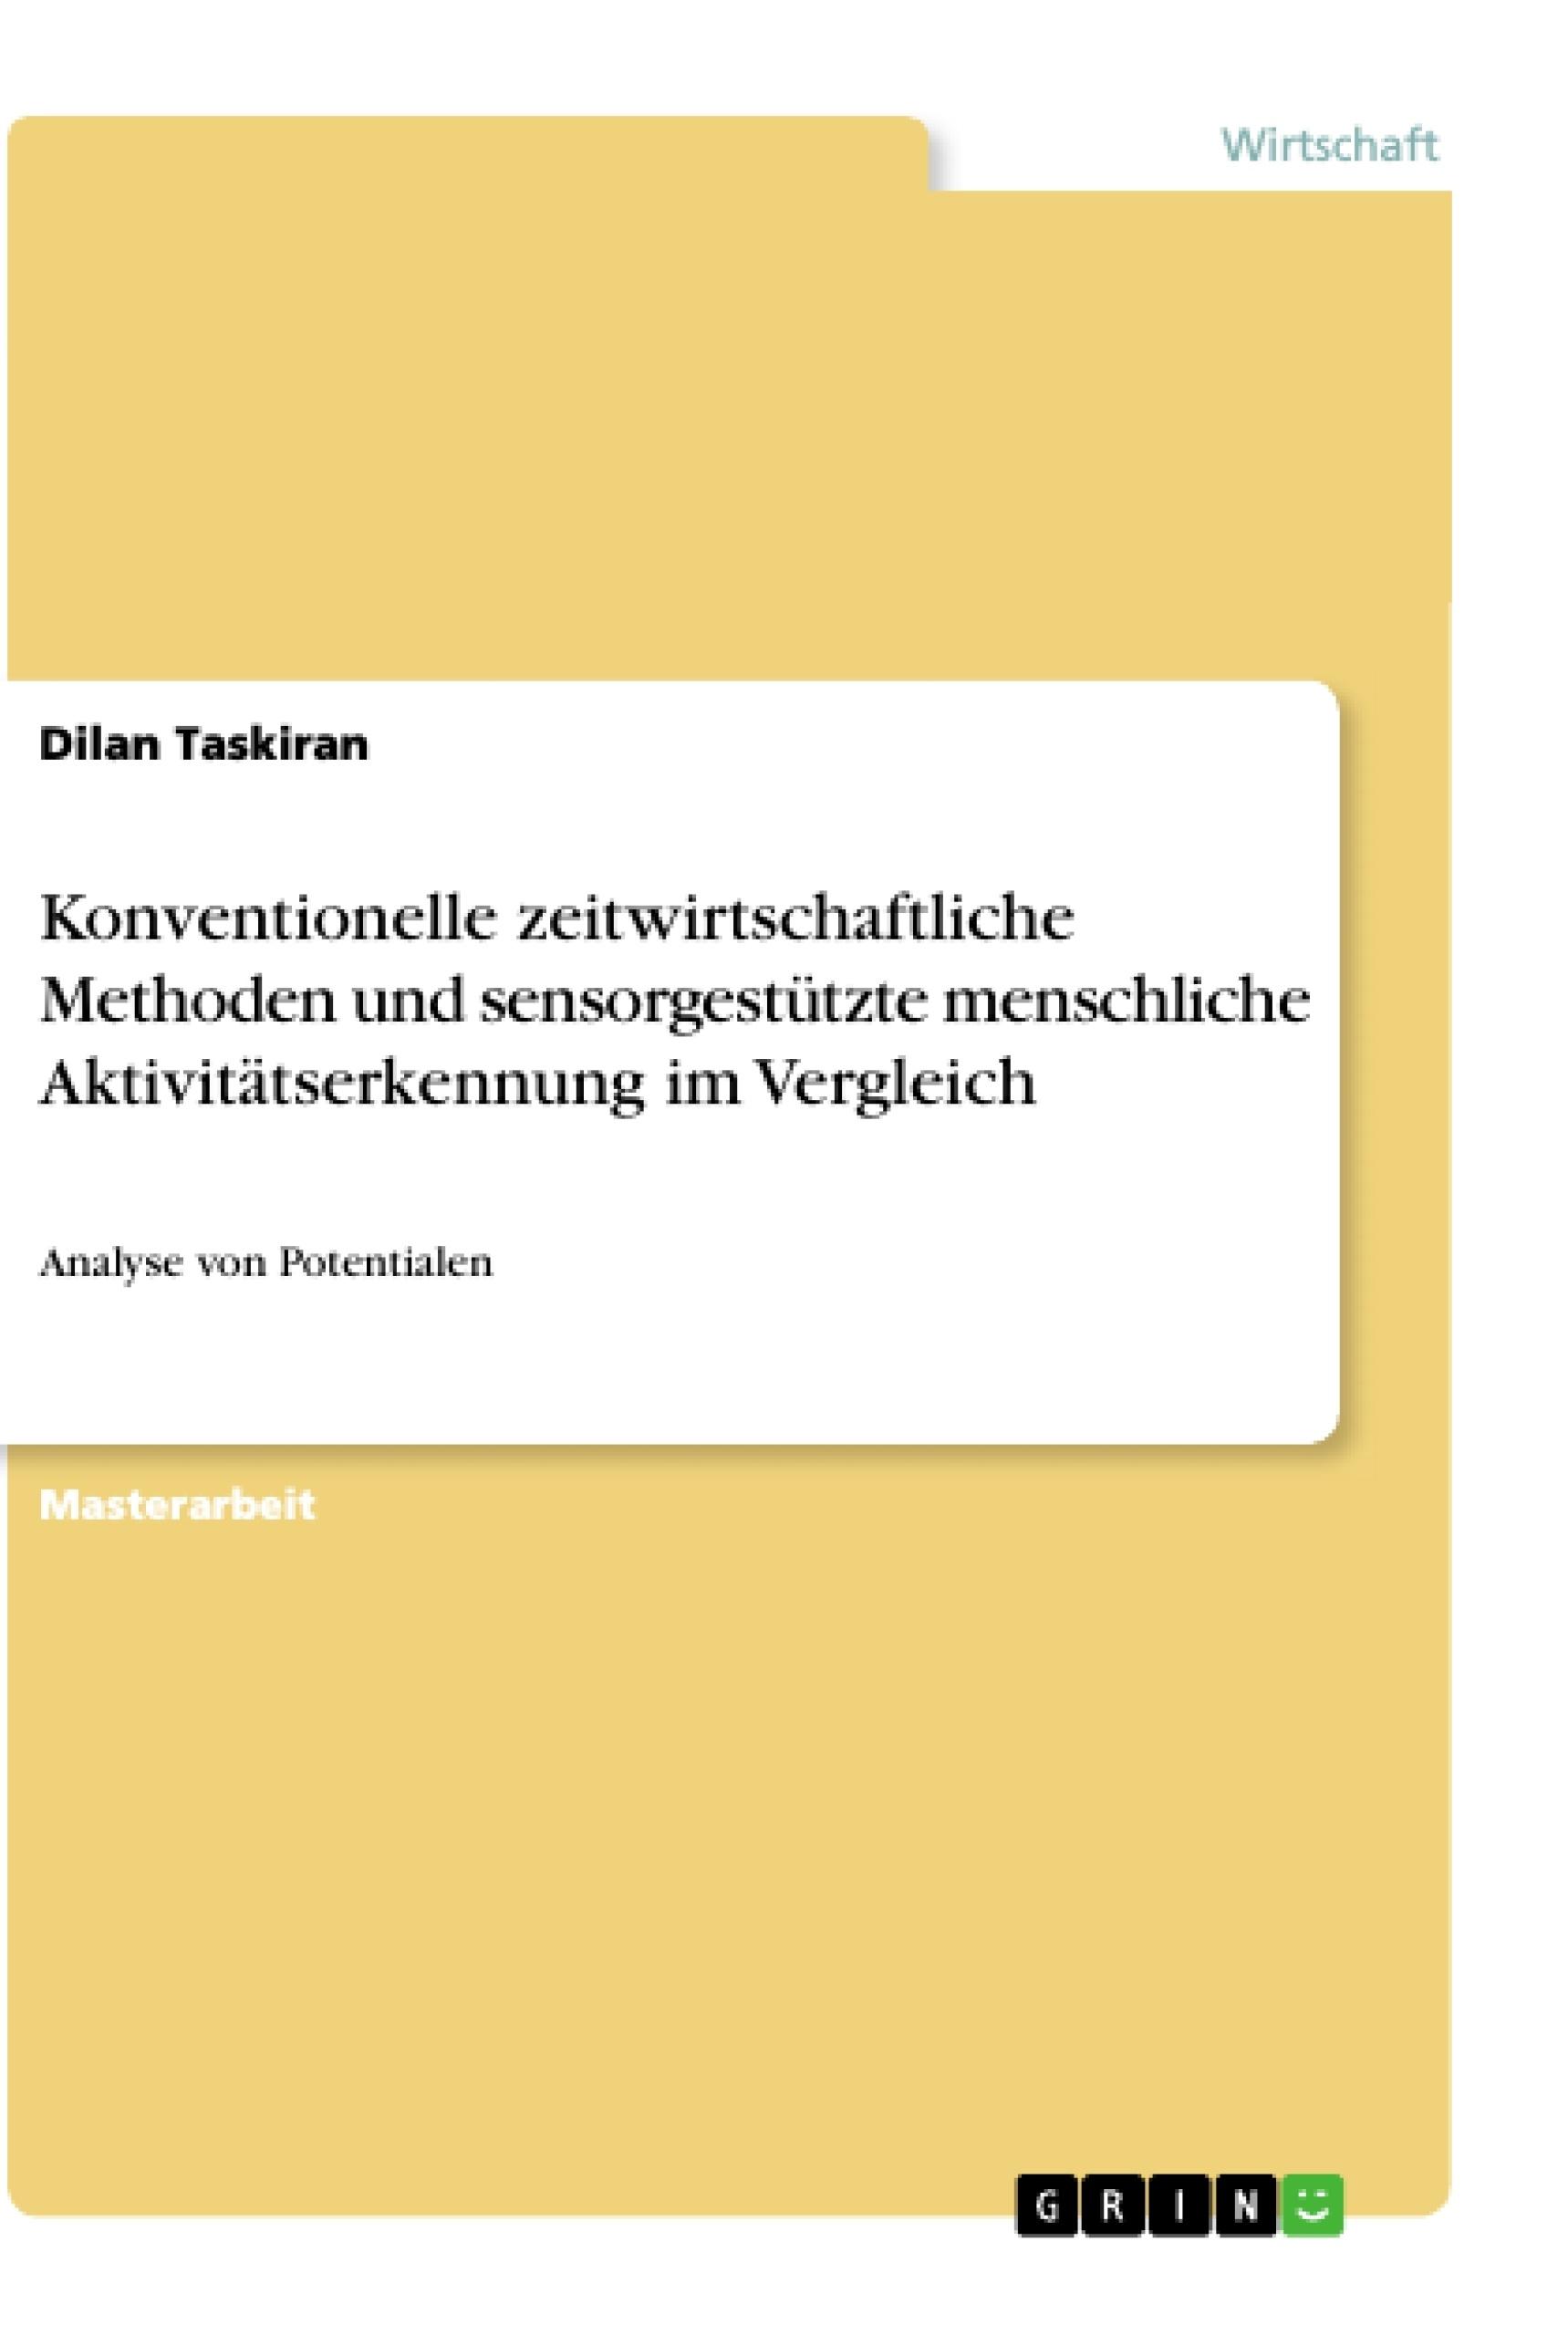 Titel: Konventionelle zeitwirtschaftliche Methoden und sensorgestützte menschliche Aktivitätserkennung im Vergleich